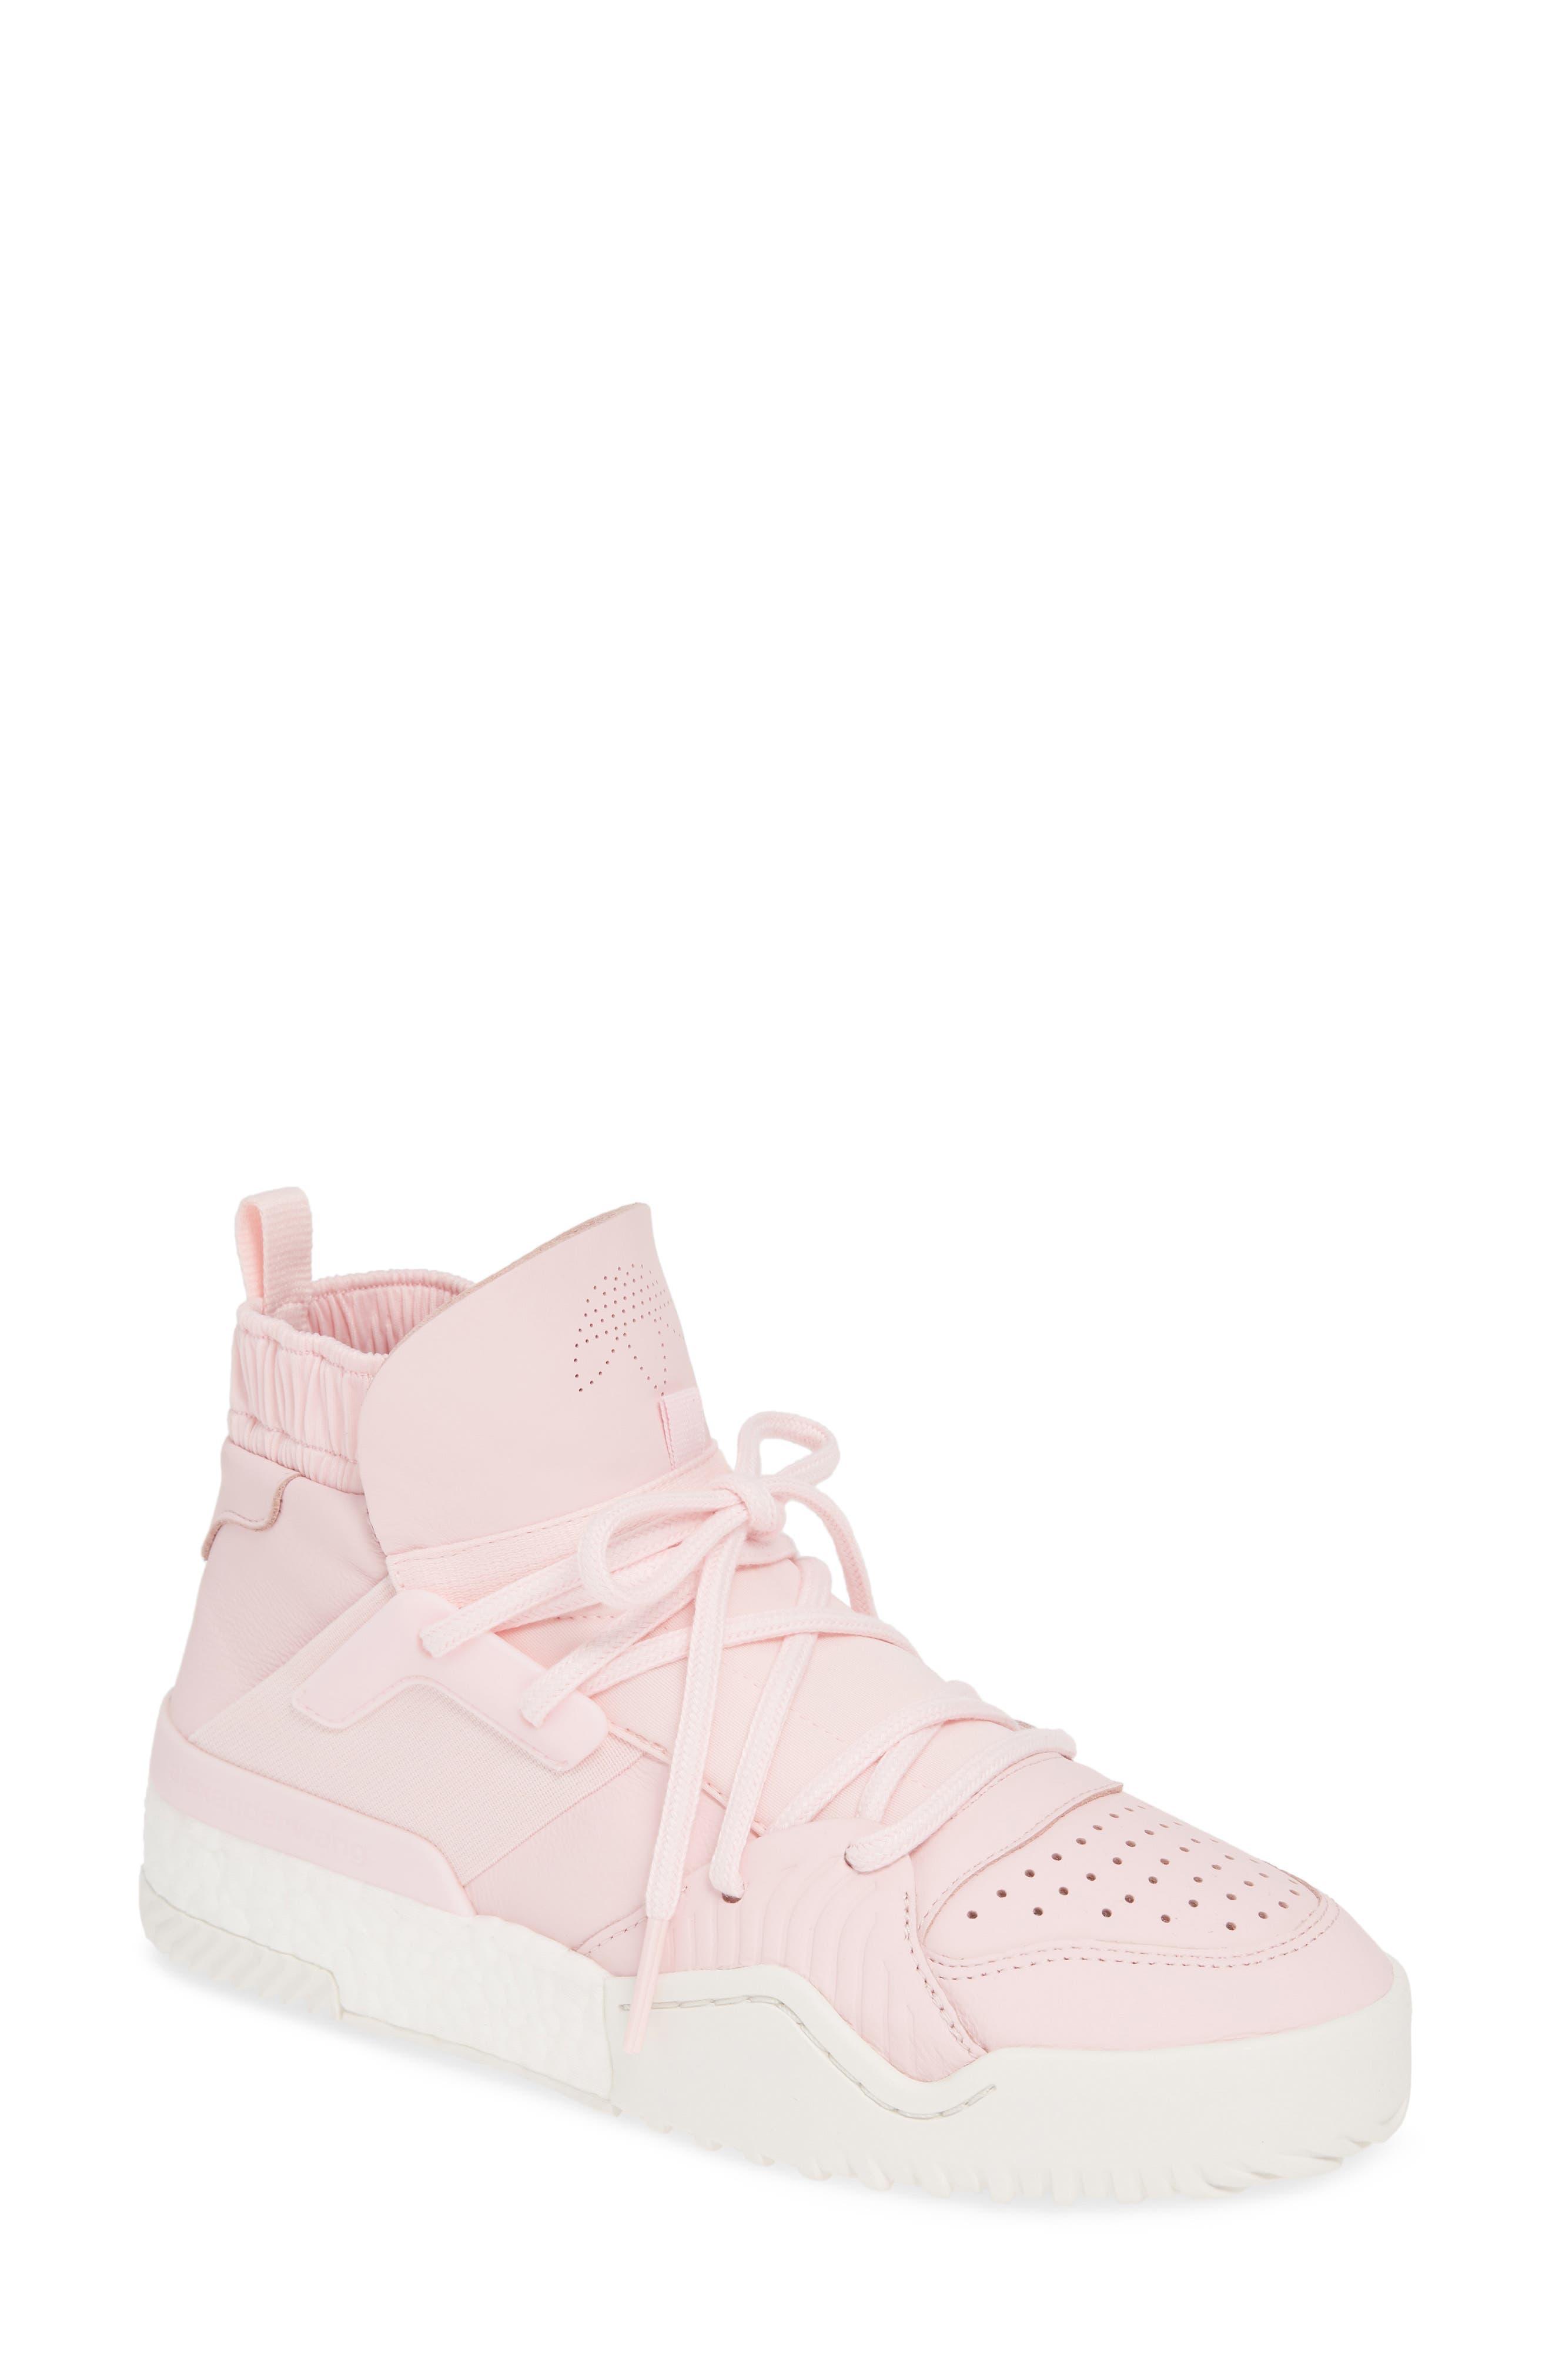 Adidas By Alexander Wang Bball High Top Sneaker / 5.5 Men